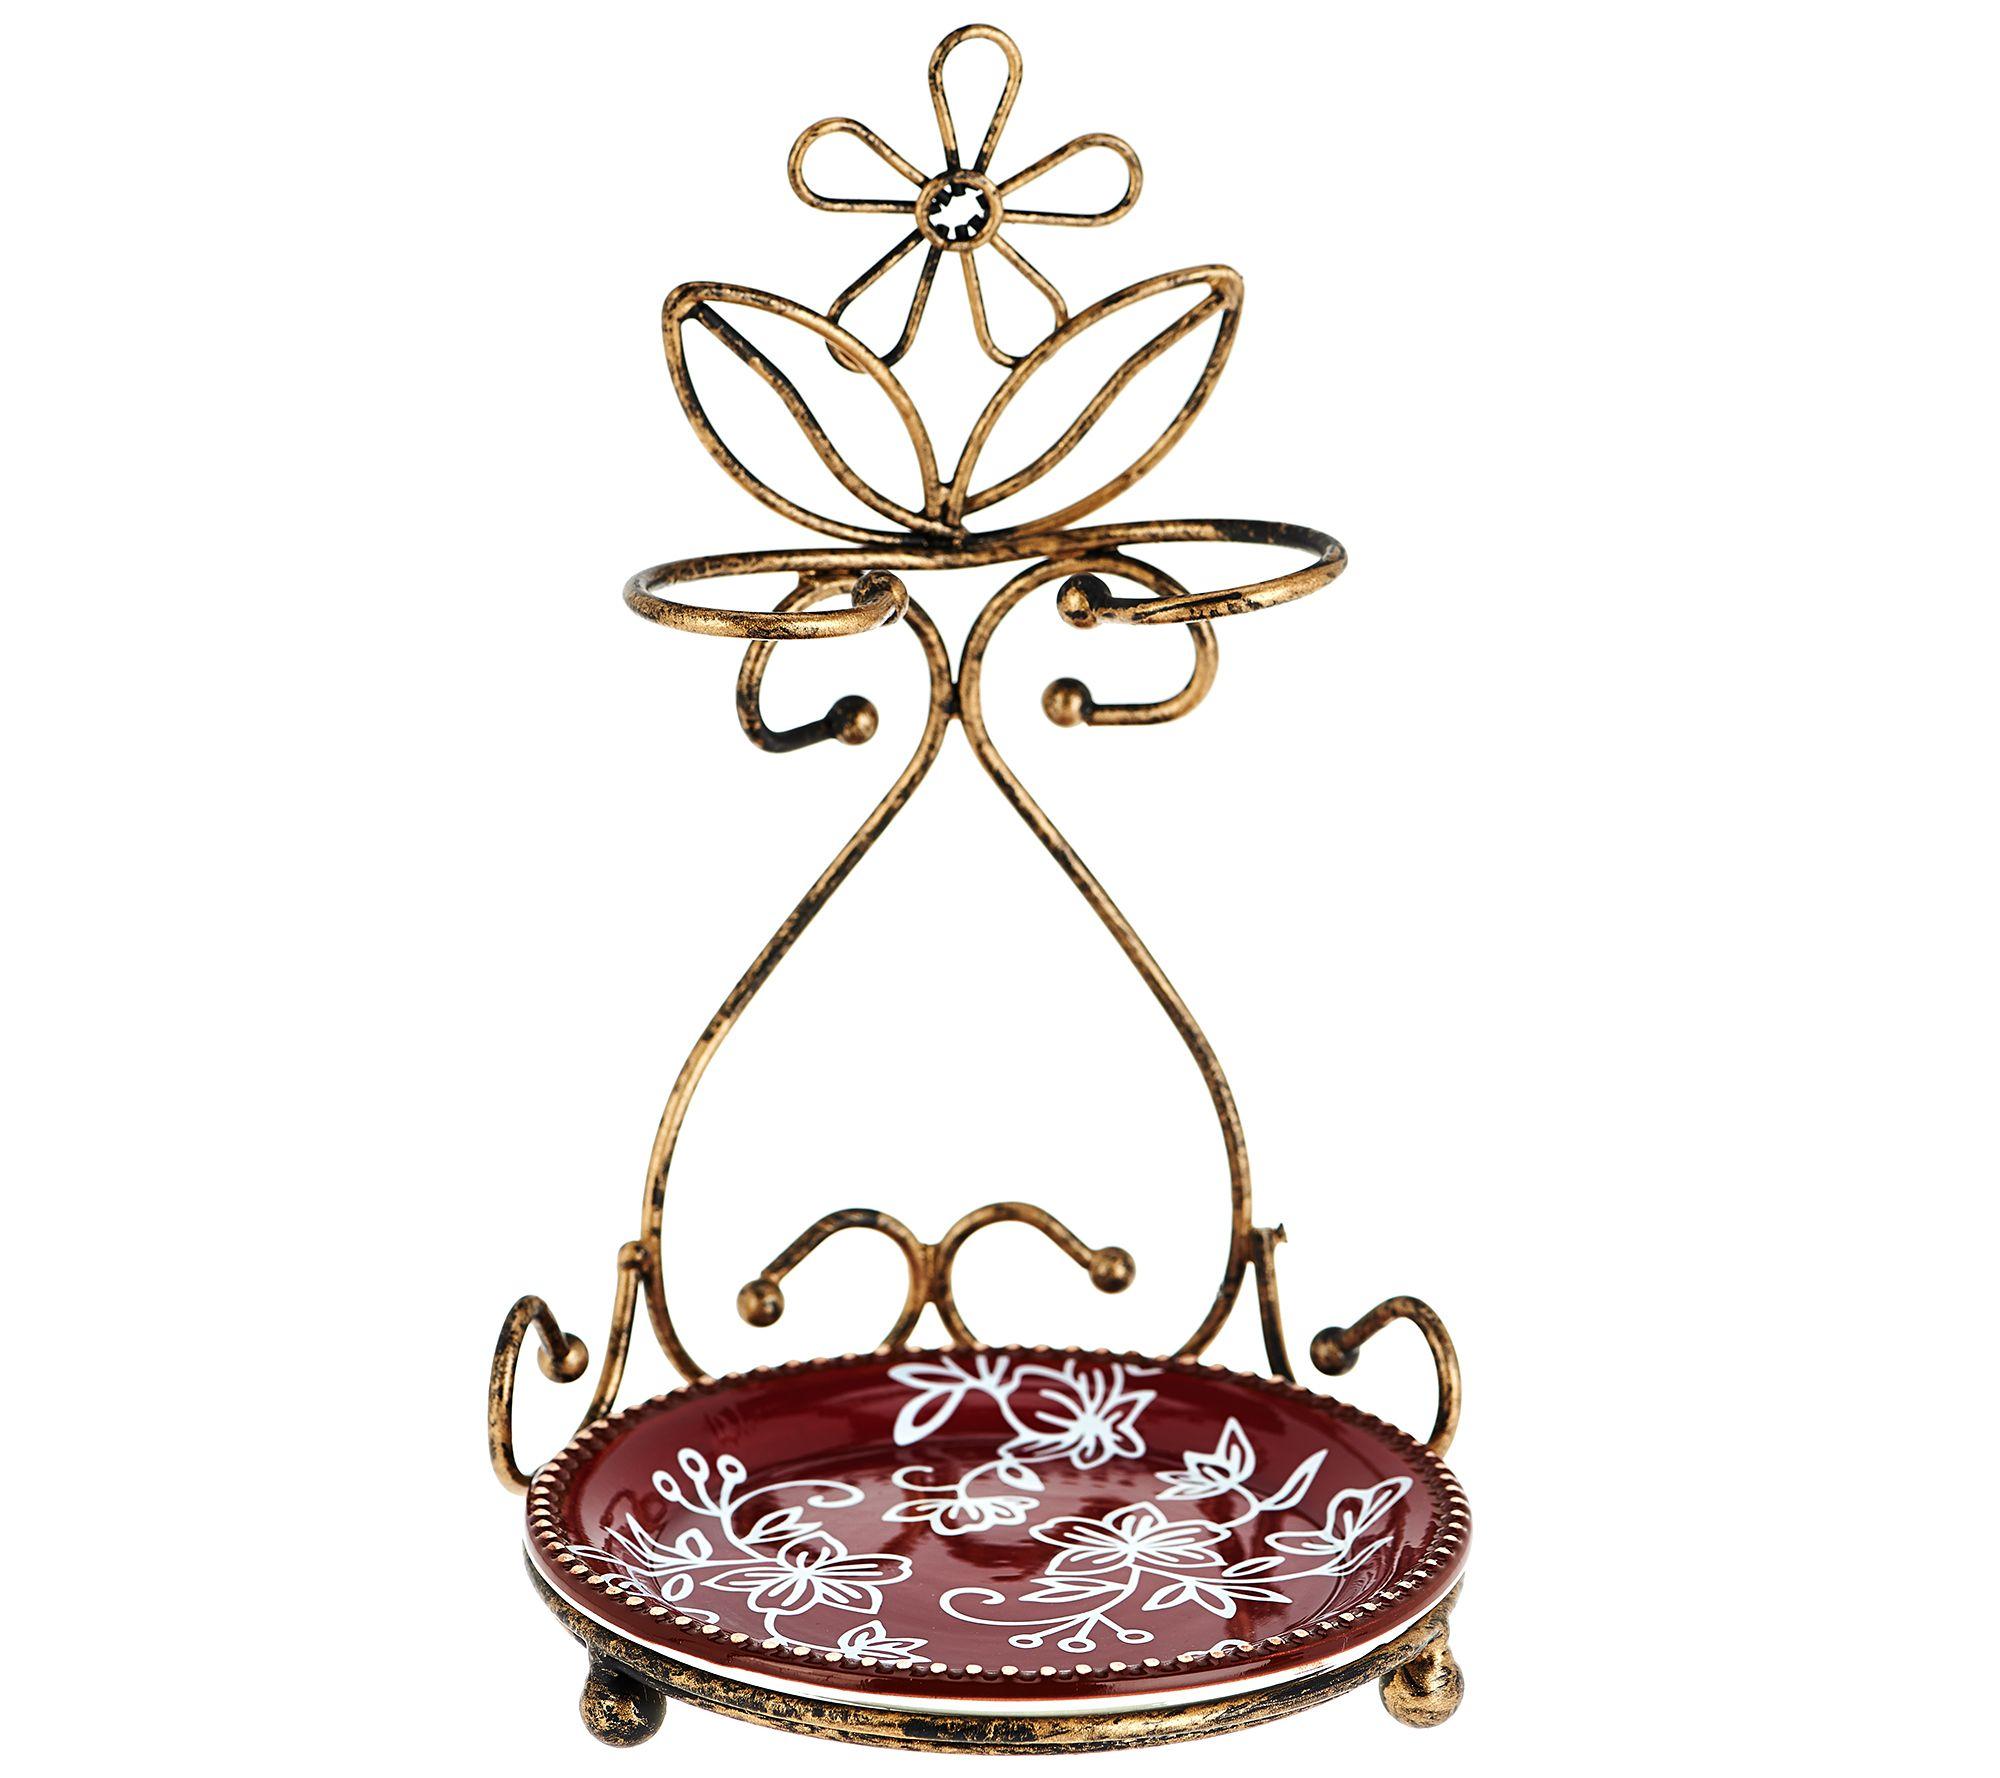 Temptations Floral Lace Spoon Rest Antique Gold  K43618